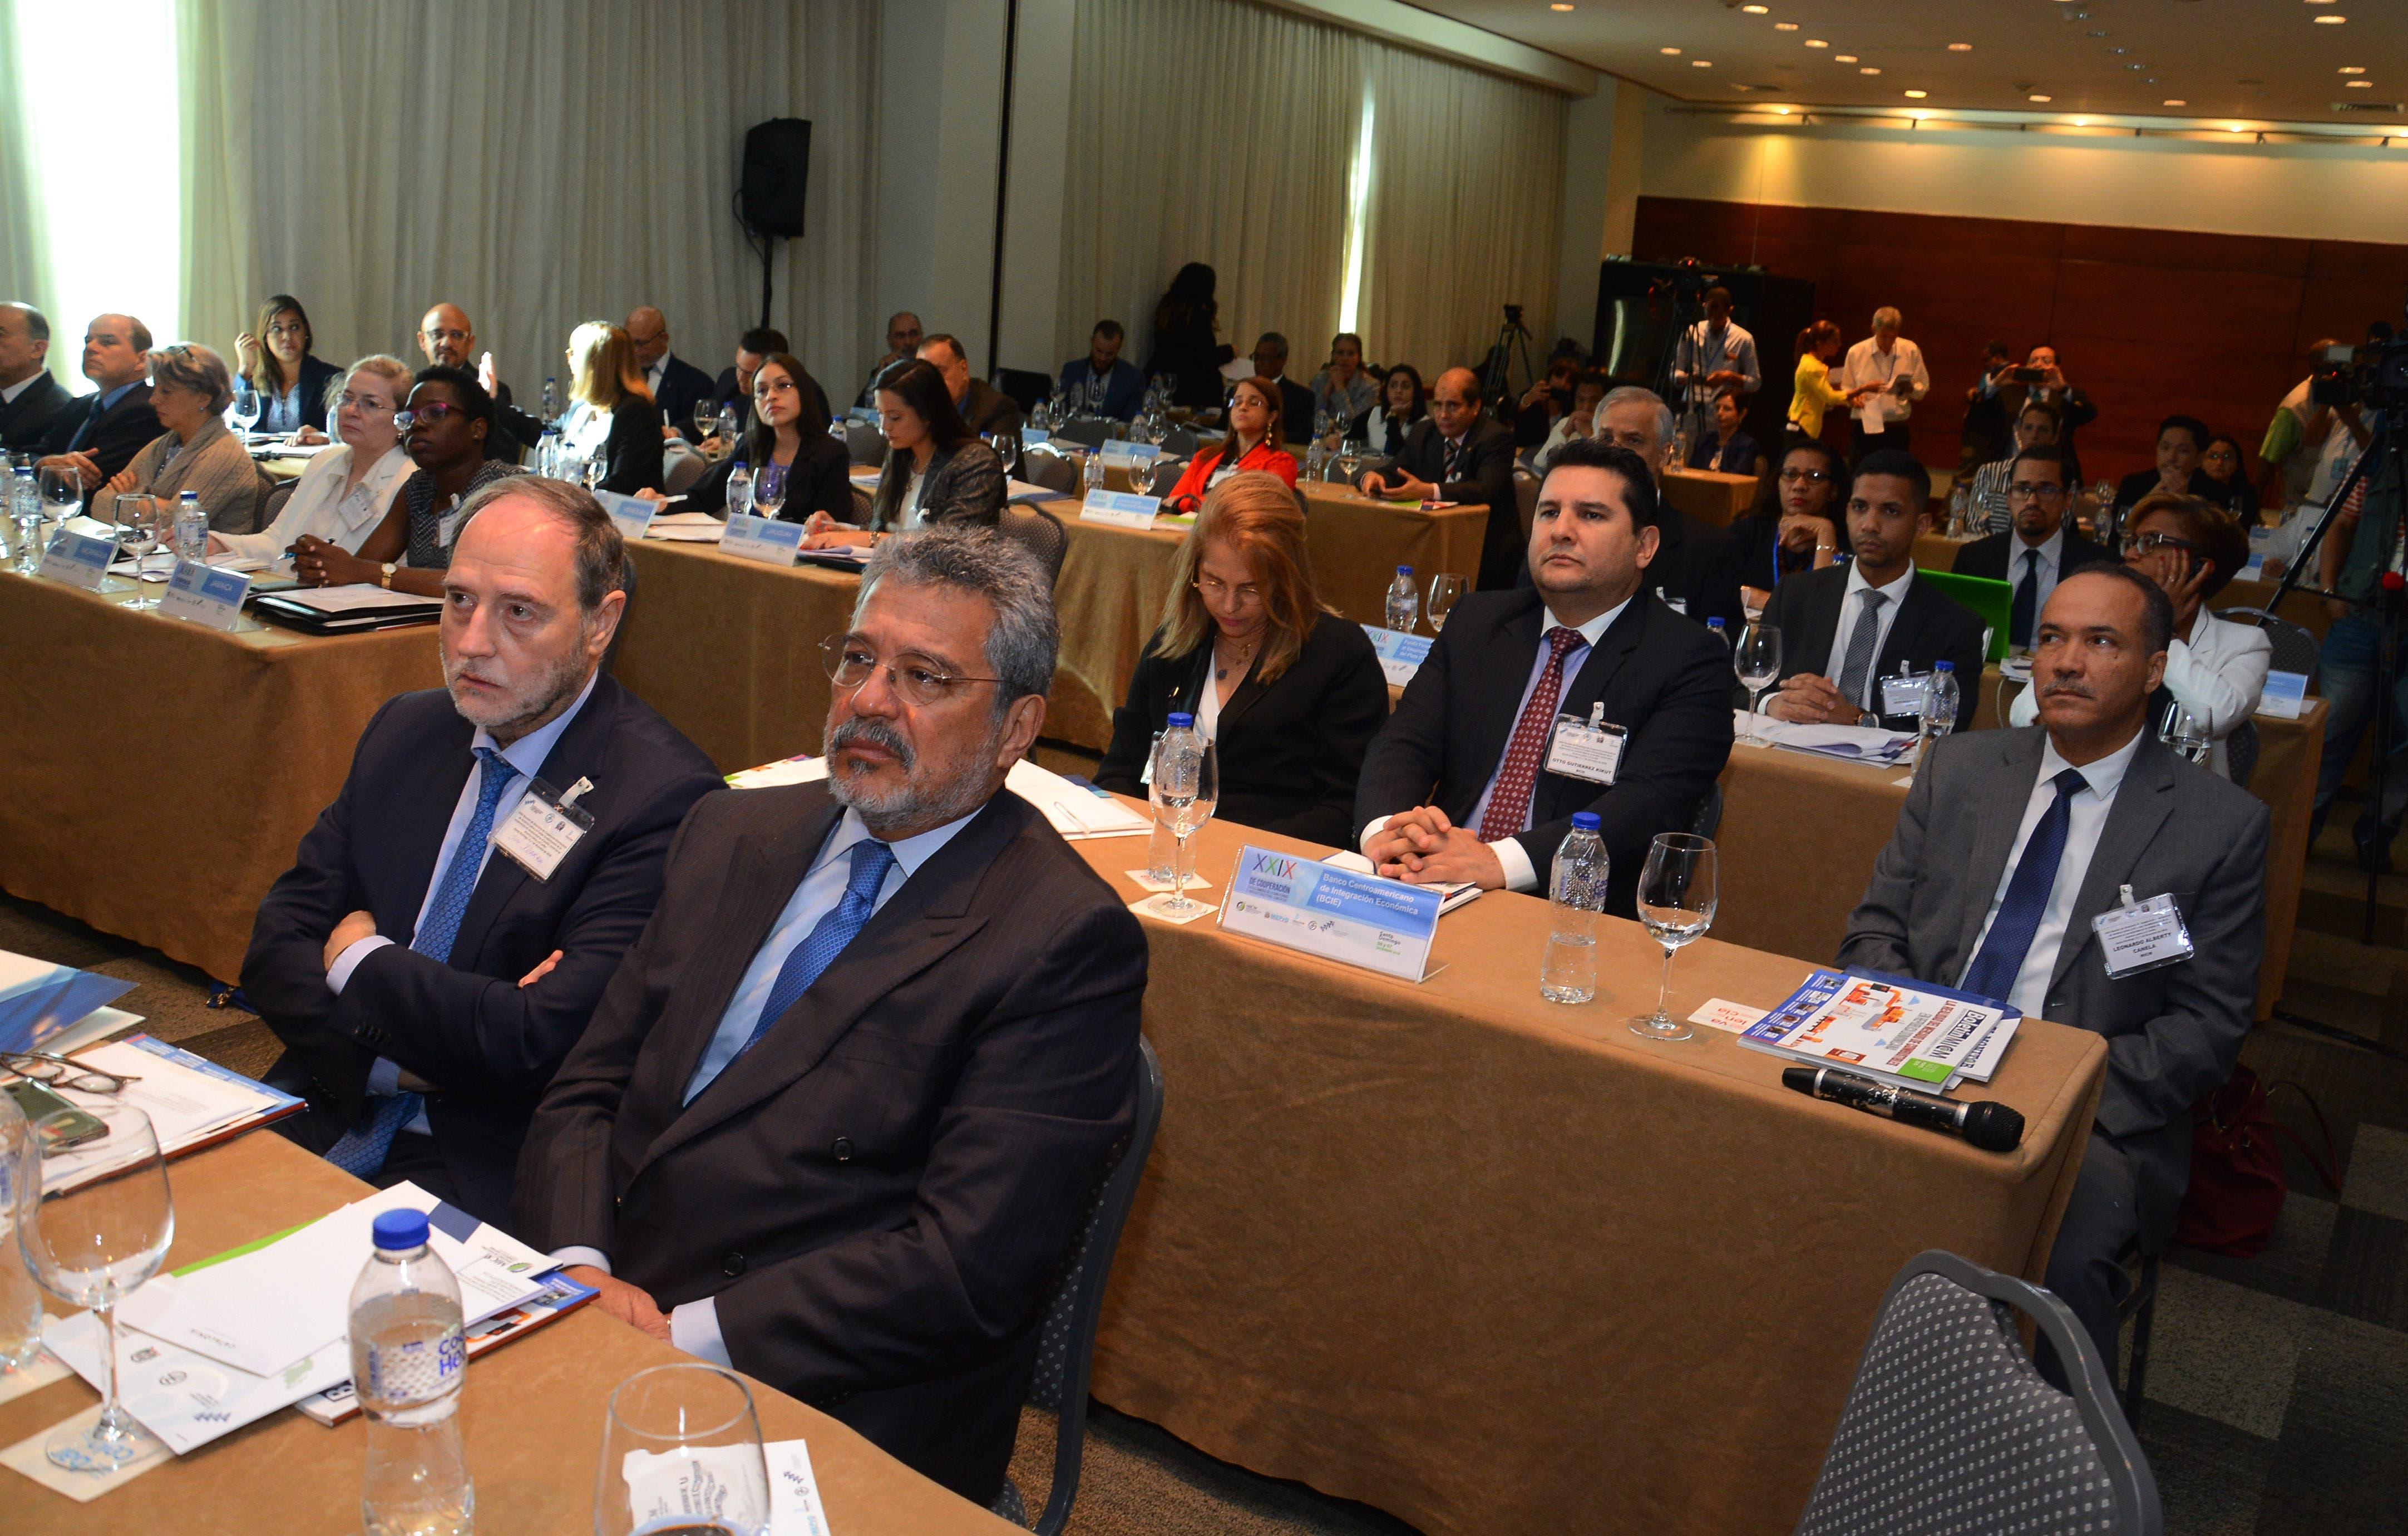 Directores de cooperación internacional discuten cómo reducir costos de logística y transporte carretero en AL y el Caribe